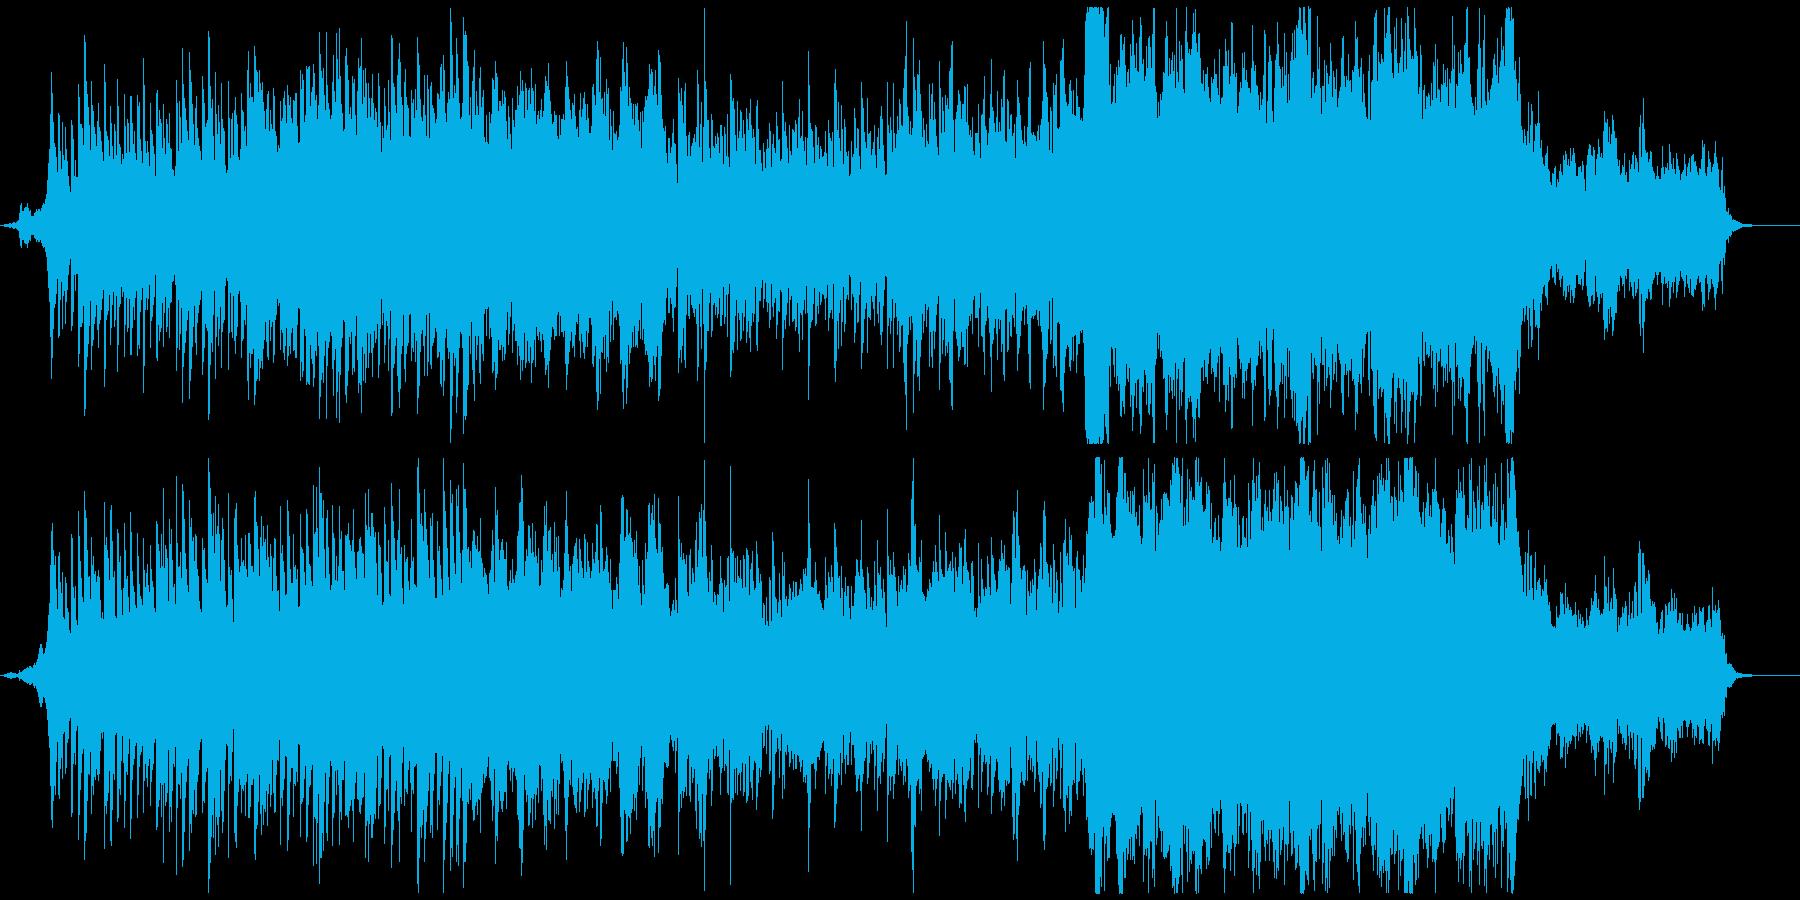 ピアノと生演奏のバイオリンの曲、映像等にの再生済みの波形